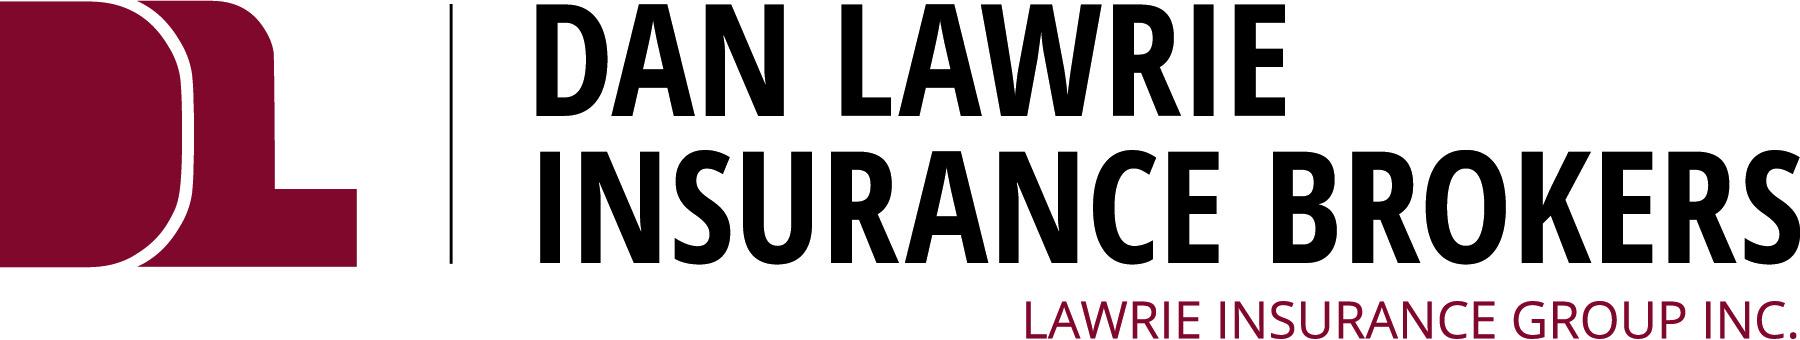 Dan Lawrie Insurance Brokers Ltd.- logo